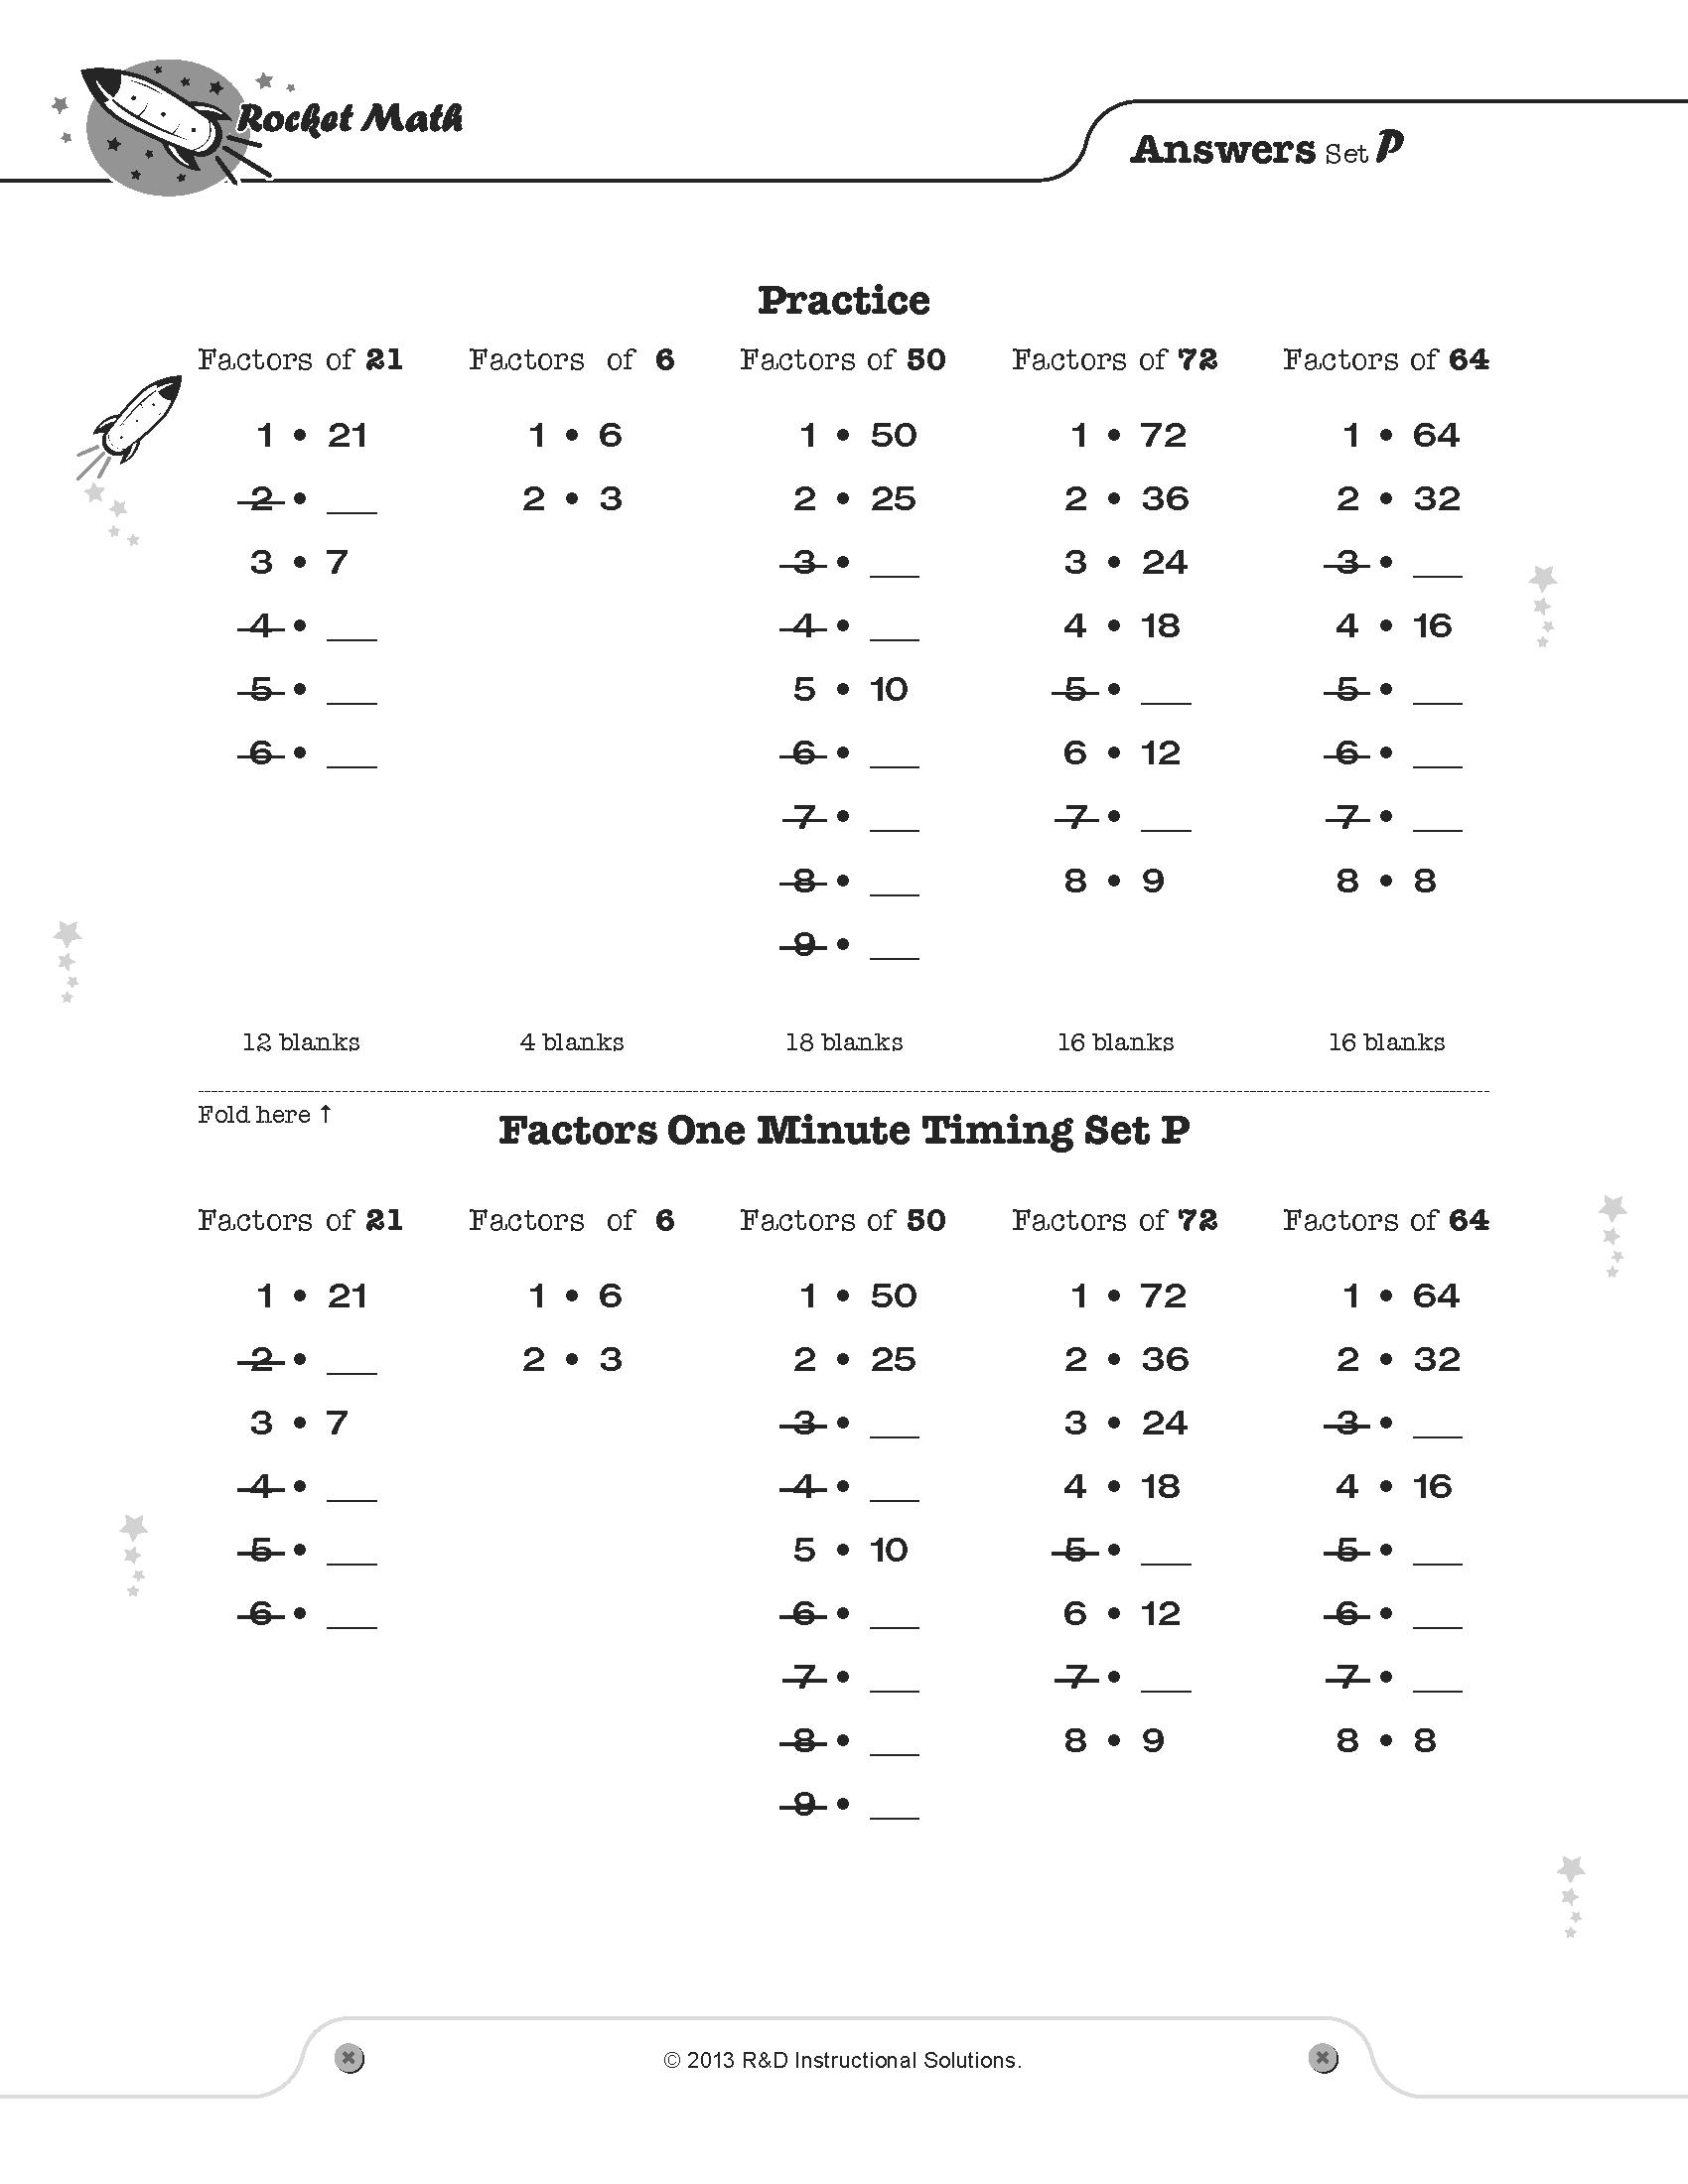 Rocket Math Factors